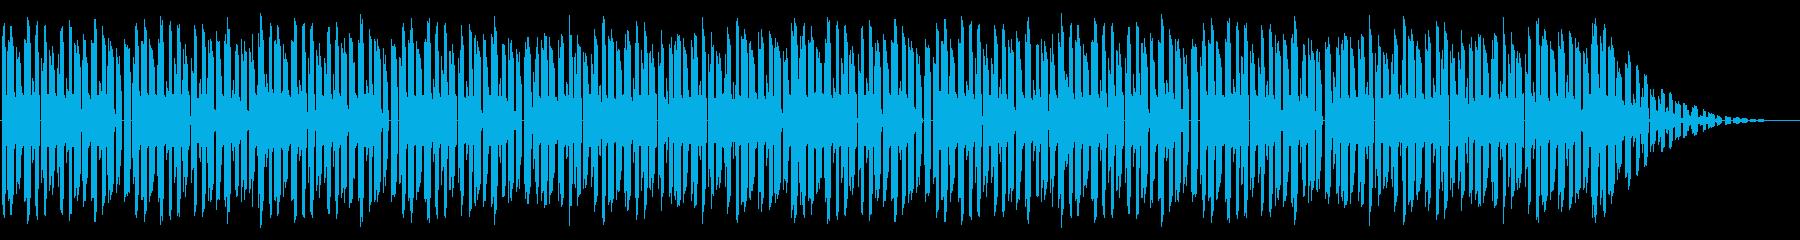 NES 和風 A03-1(ステージ2) の再生済みの波形